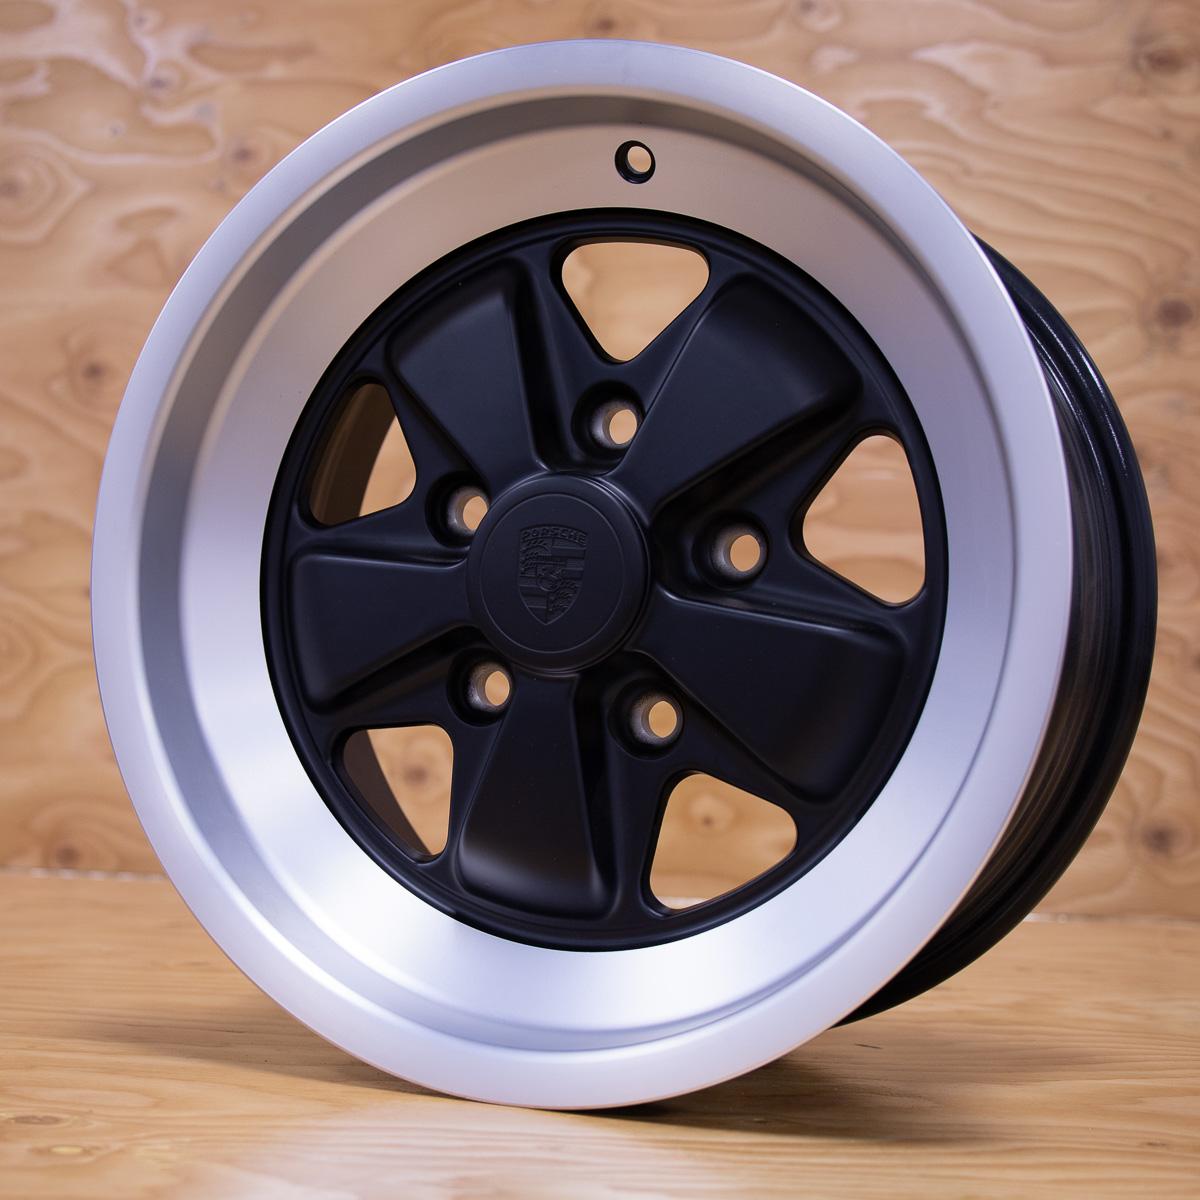 Fuchs 16 Inch Black Face Wheels For Porsche Service Auto Premium